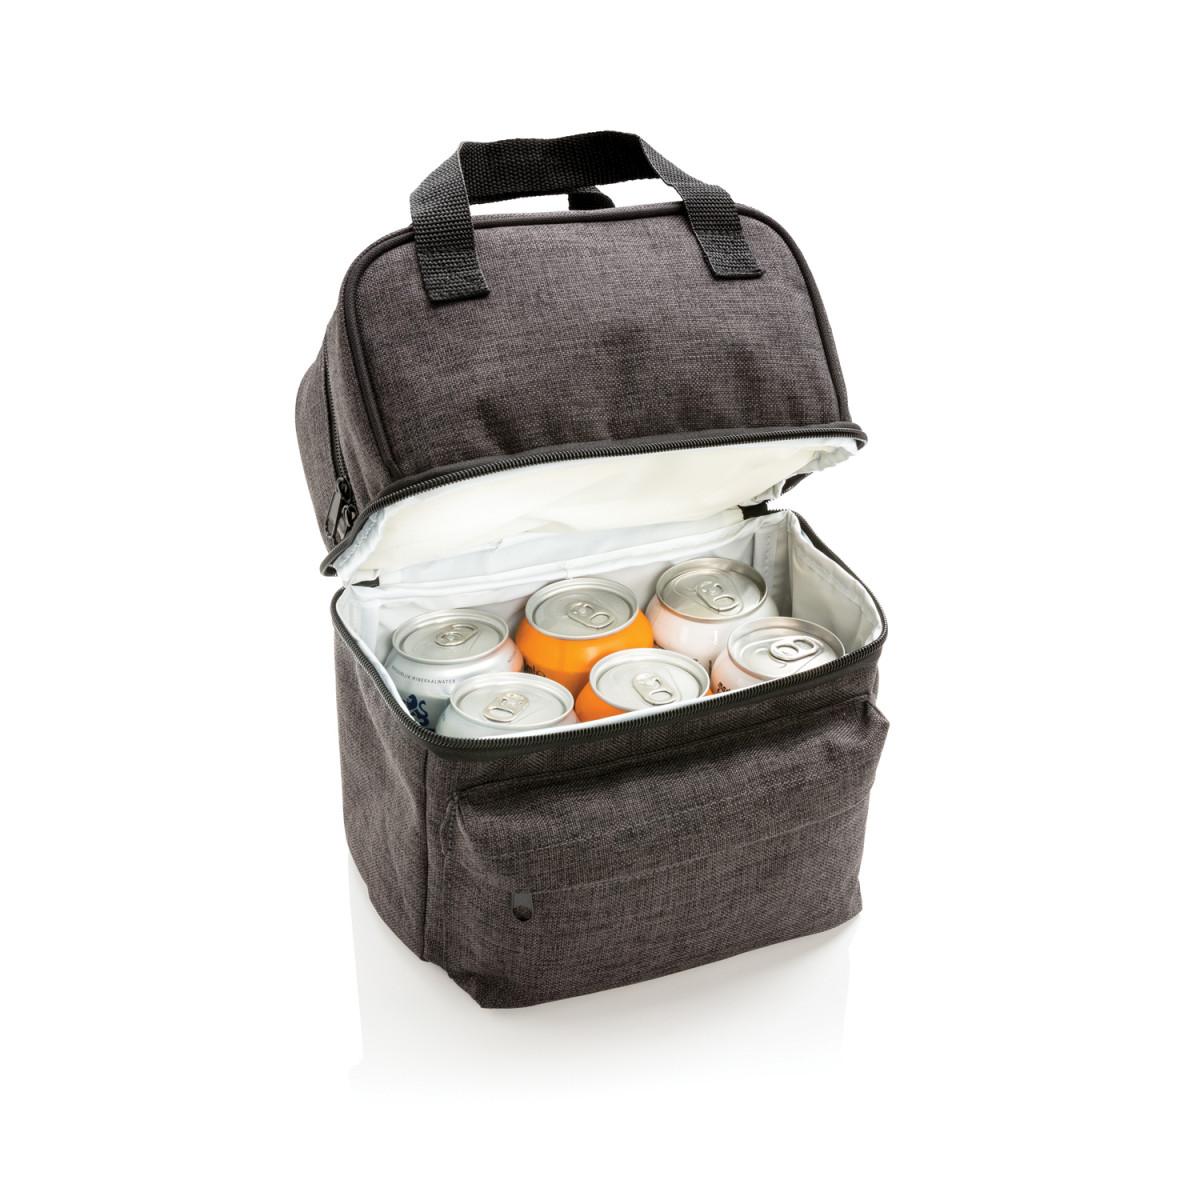 Сумка-холодильник с 2 изолированными отделениями,антрацит